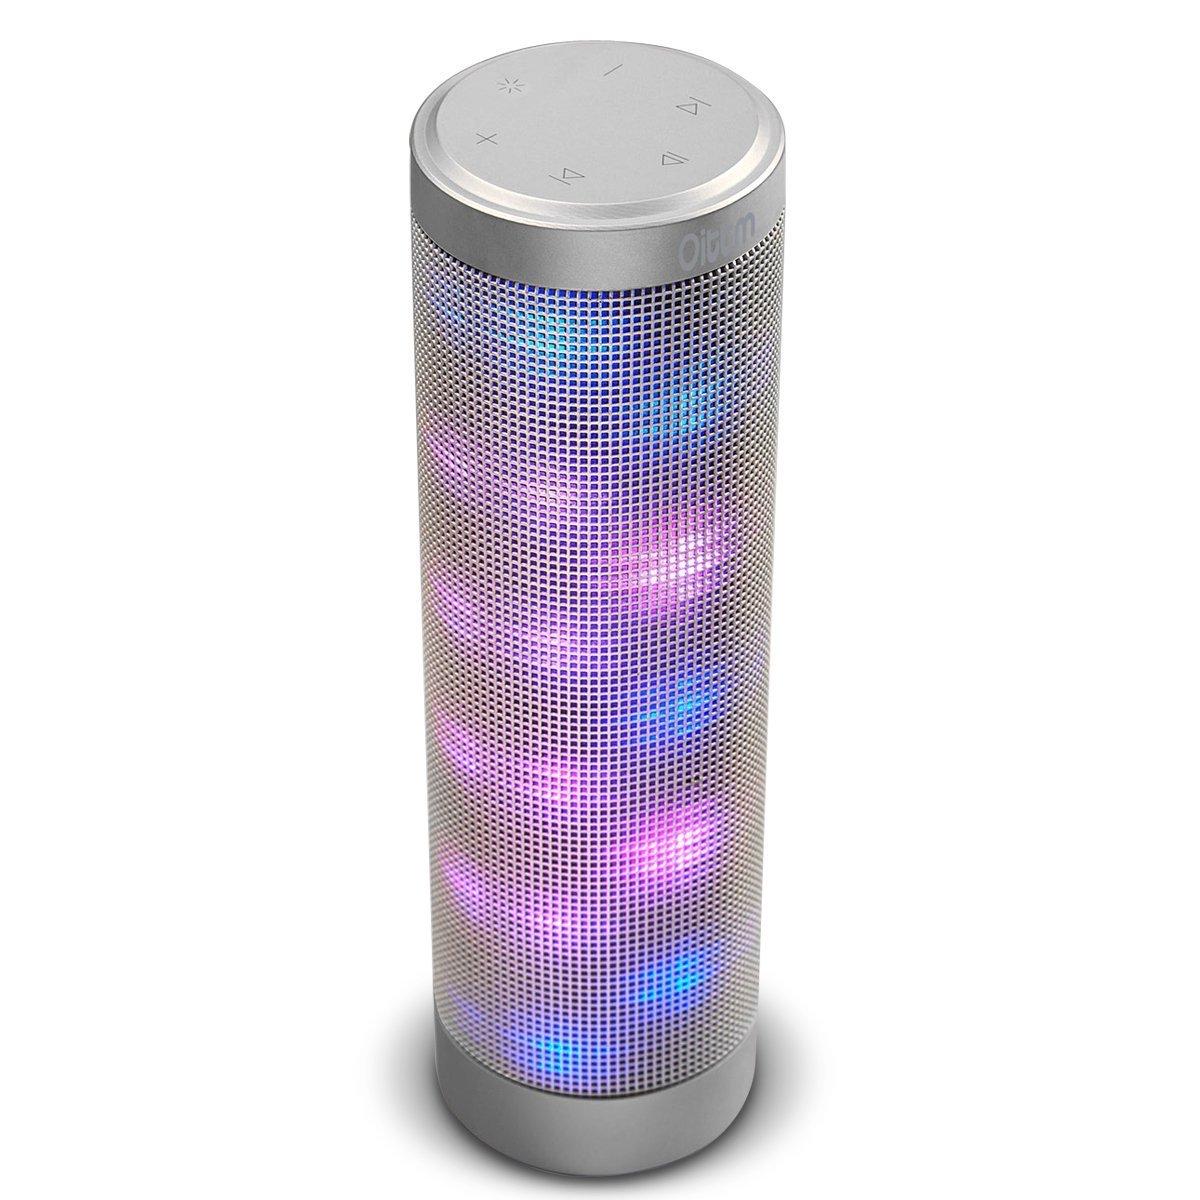 Oittm Enceinte Bluetooth 4.0 - Oittm : une enceinte Bluetooth originale avec jeux de lumière LED